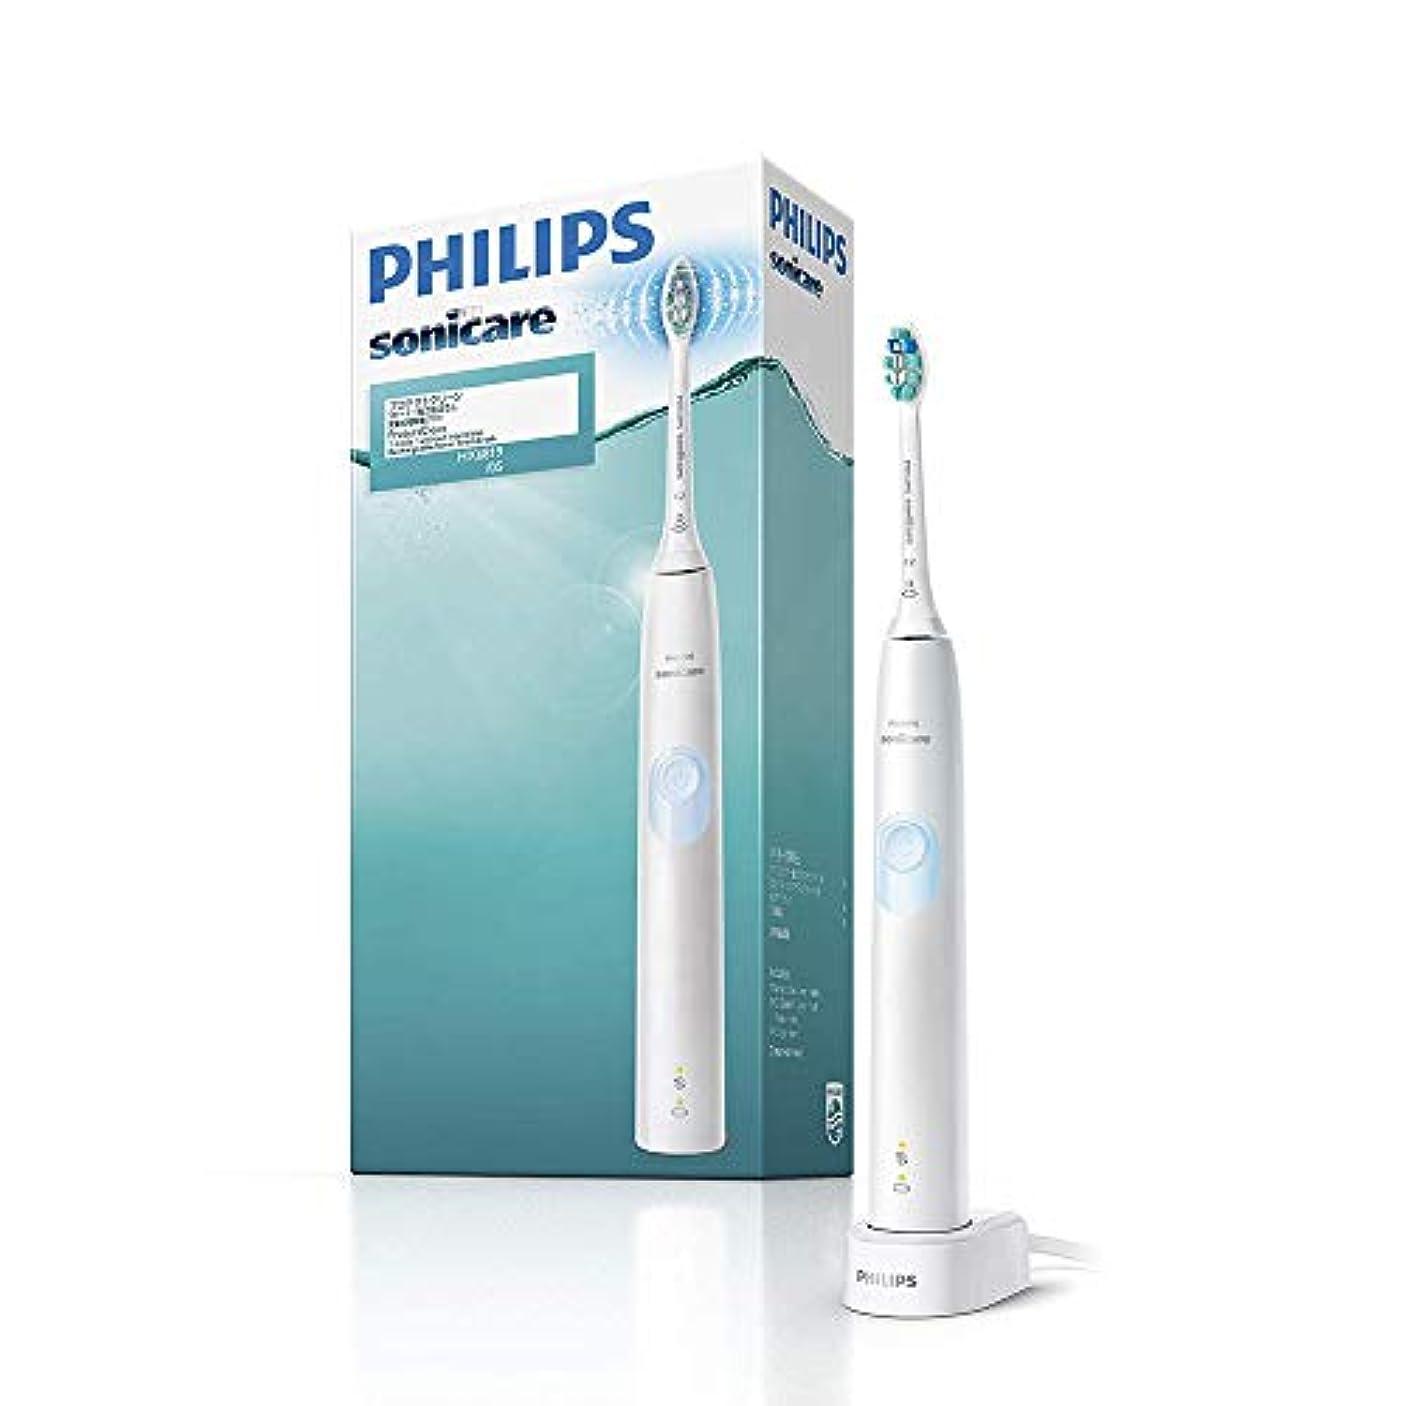 パキスタンほとんどの場合印象派【Amazon.co.jp限定】フィリップス ソニッケアー プロテクトクリーン ホワイトライトブルー 電動歯ブラシ 強さ設定なし HX6819/05